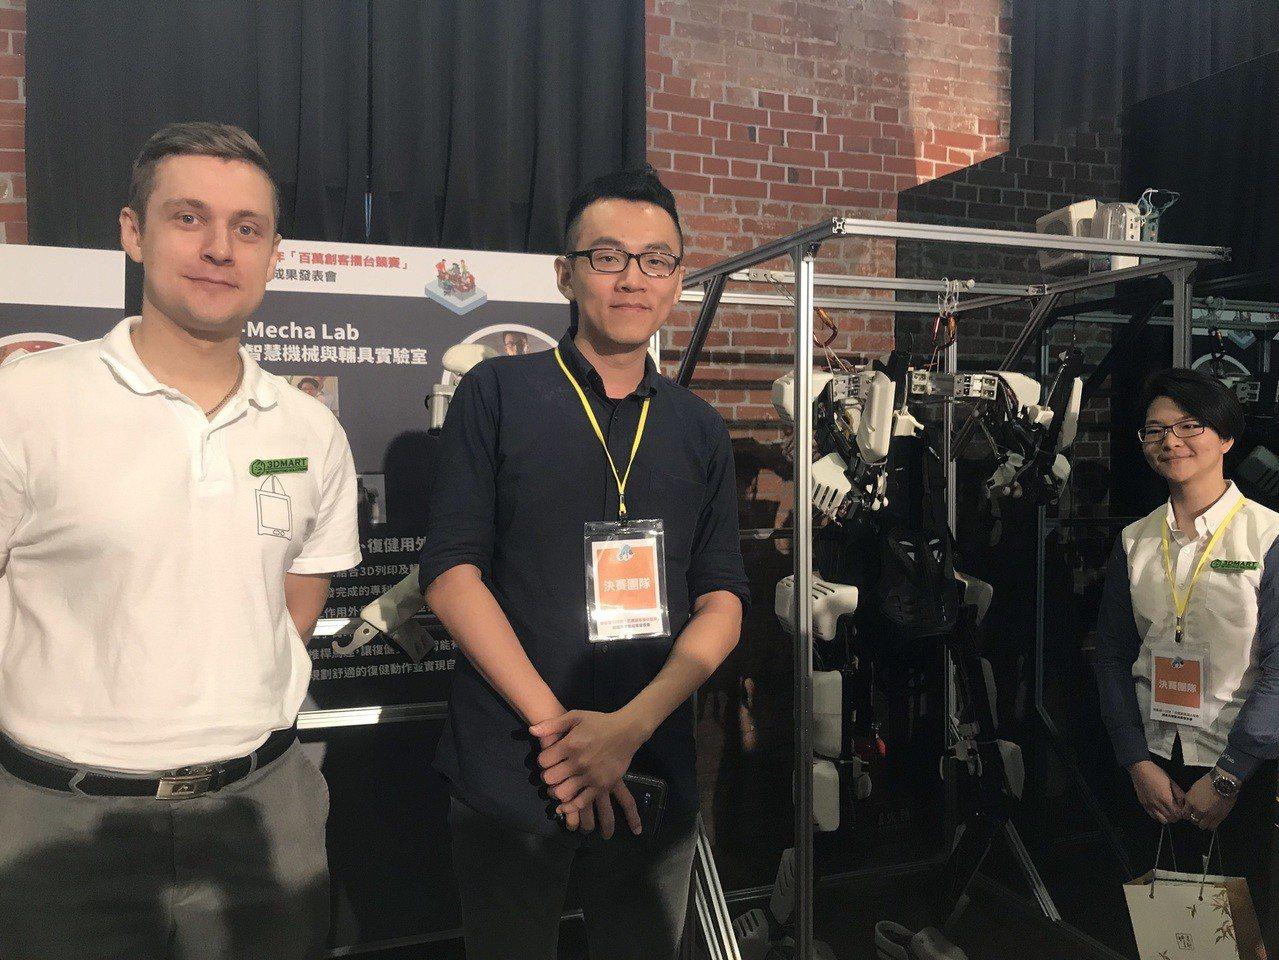 台灣智慧機械與輔具實驗室(Tai Mecha lab)團隊成員,以獨步全球的姿態...